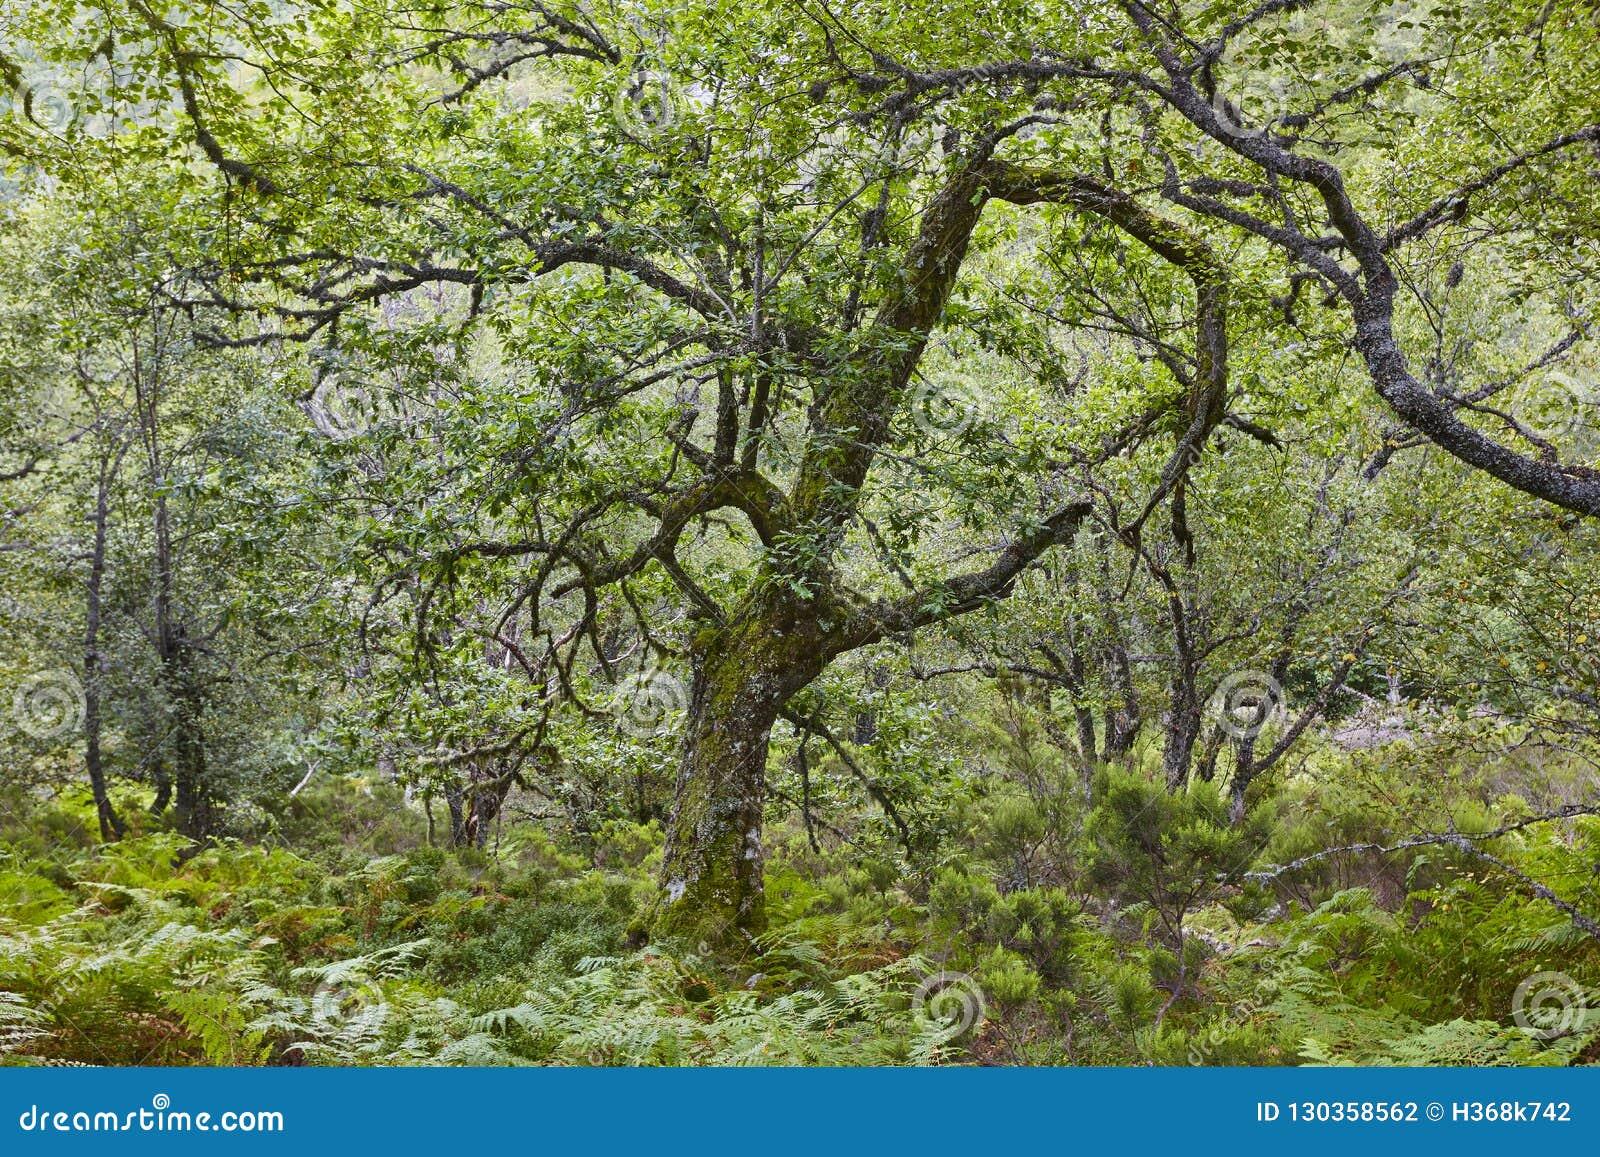 Carvalho velho na reserva da biosfera de Muniellos da floresta Asturia